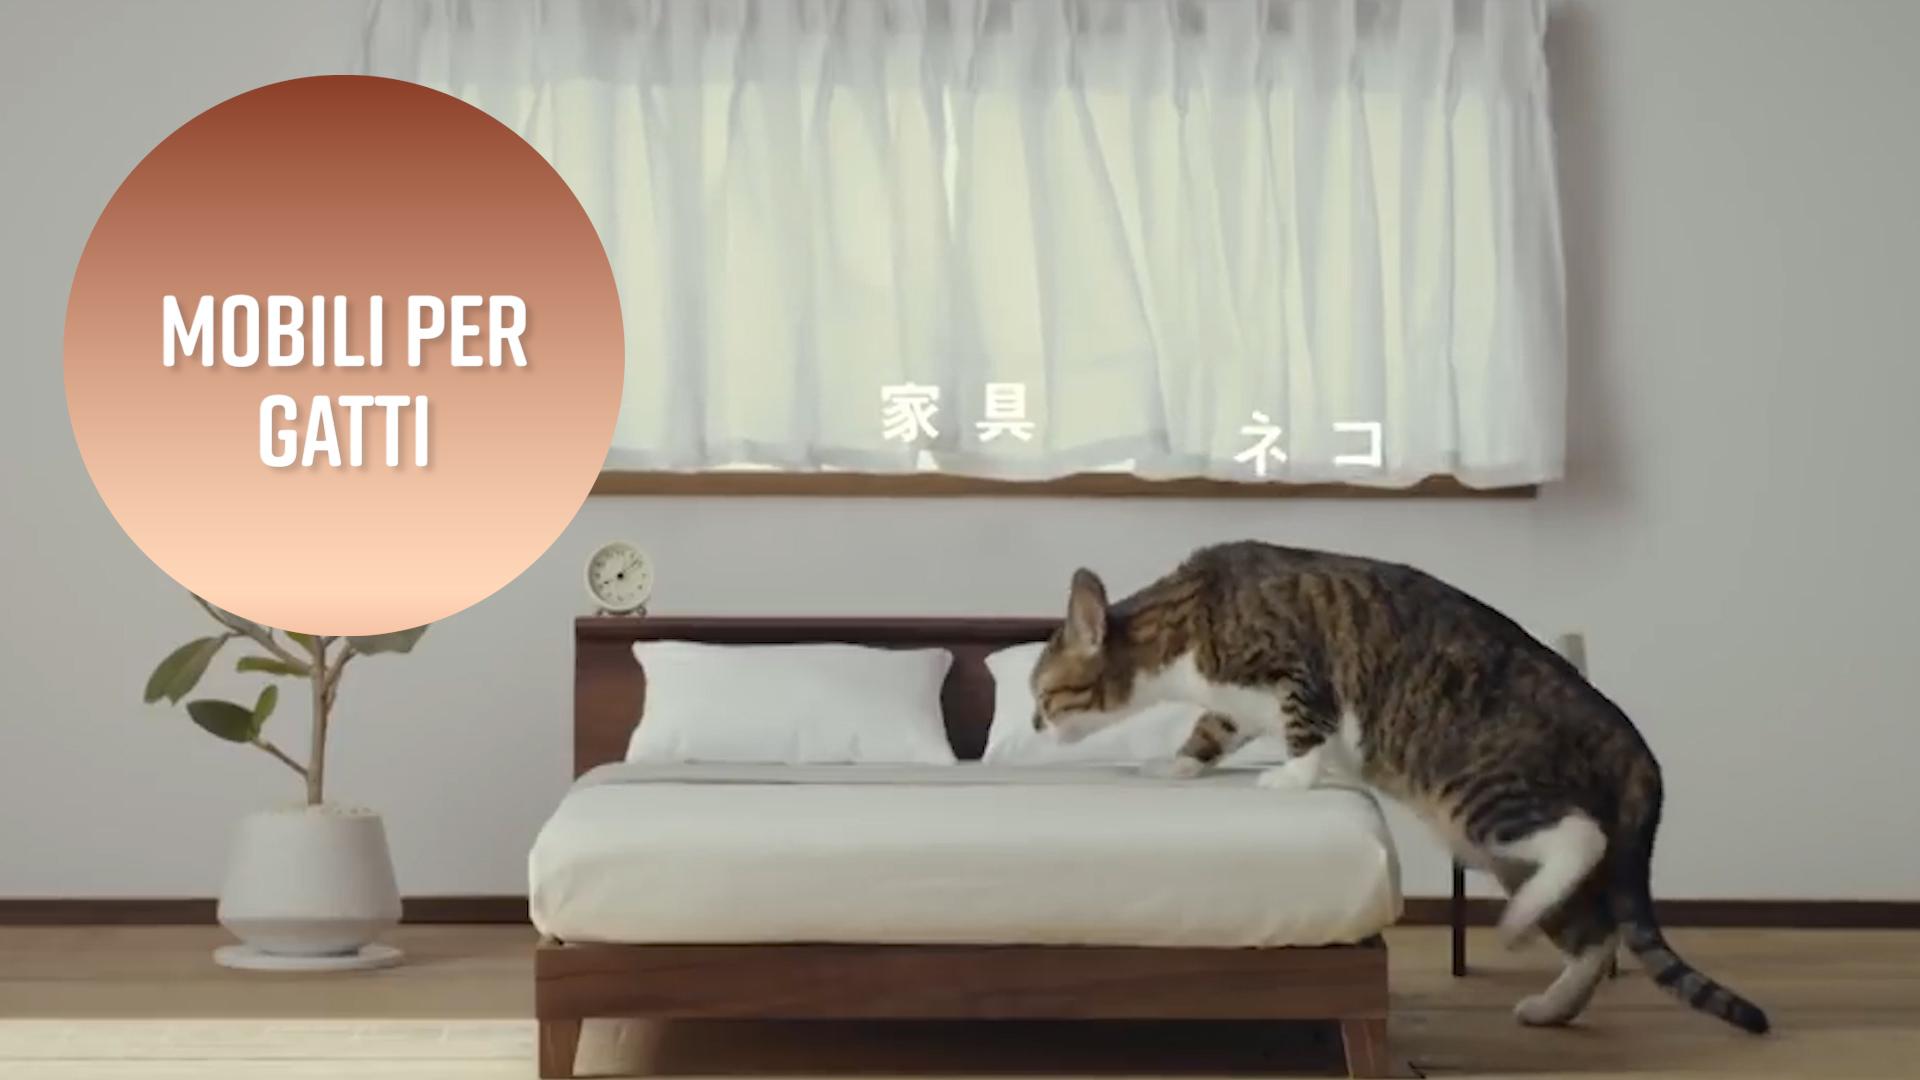 Arredamento su misura... per felini!